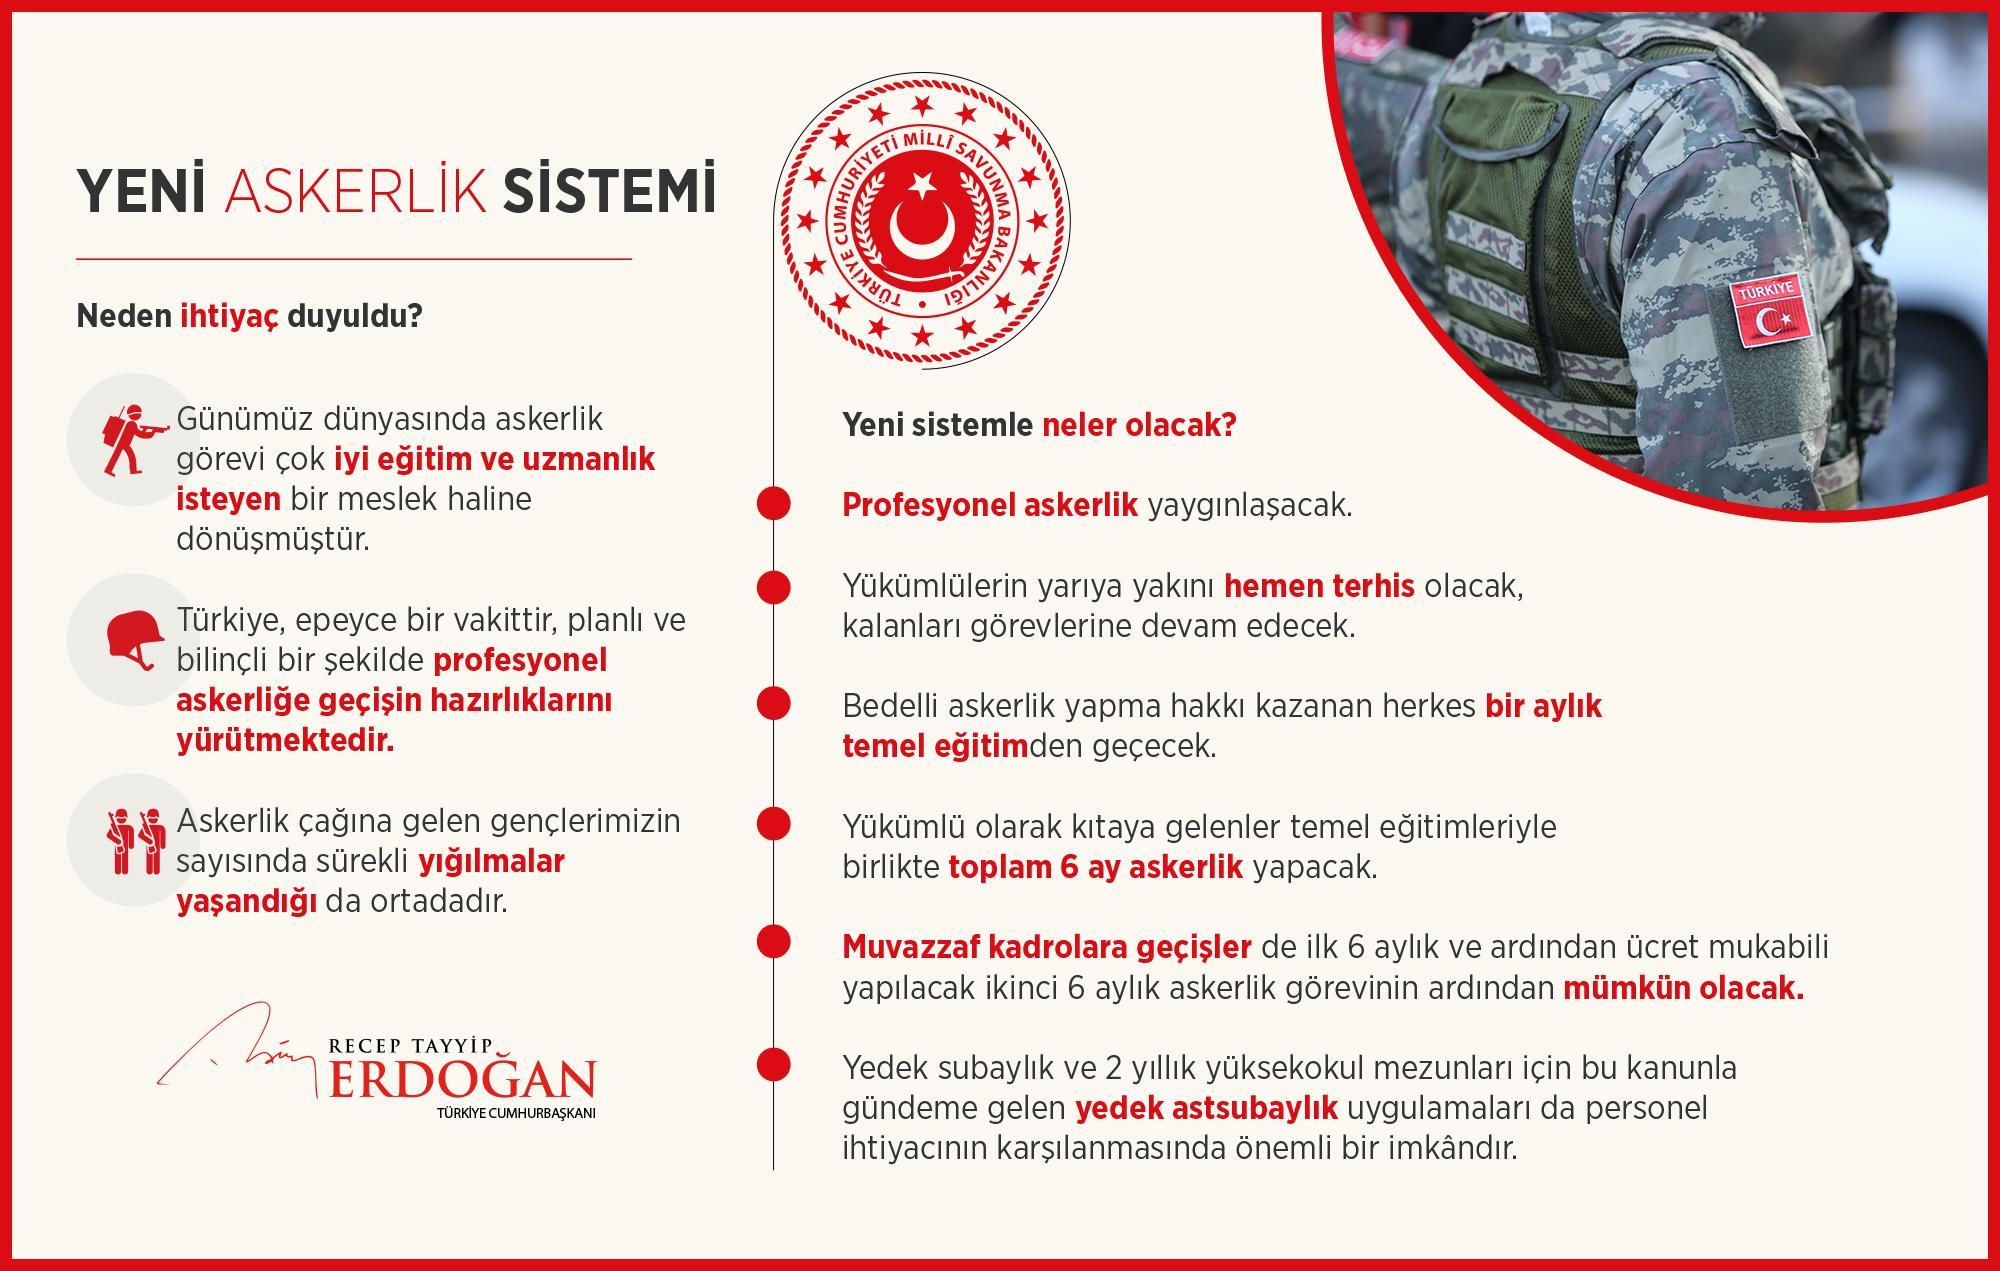 Recep Tayyip Erdoğan Twitter Yeni Askerlik Sistemi